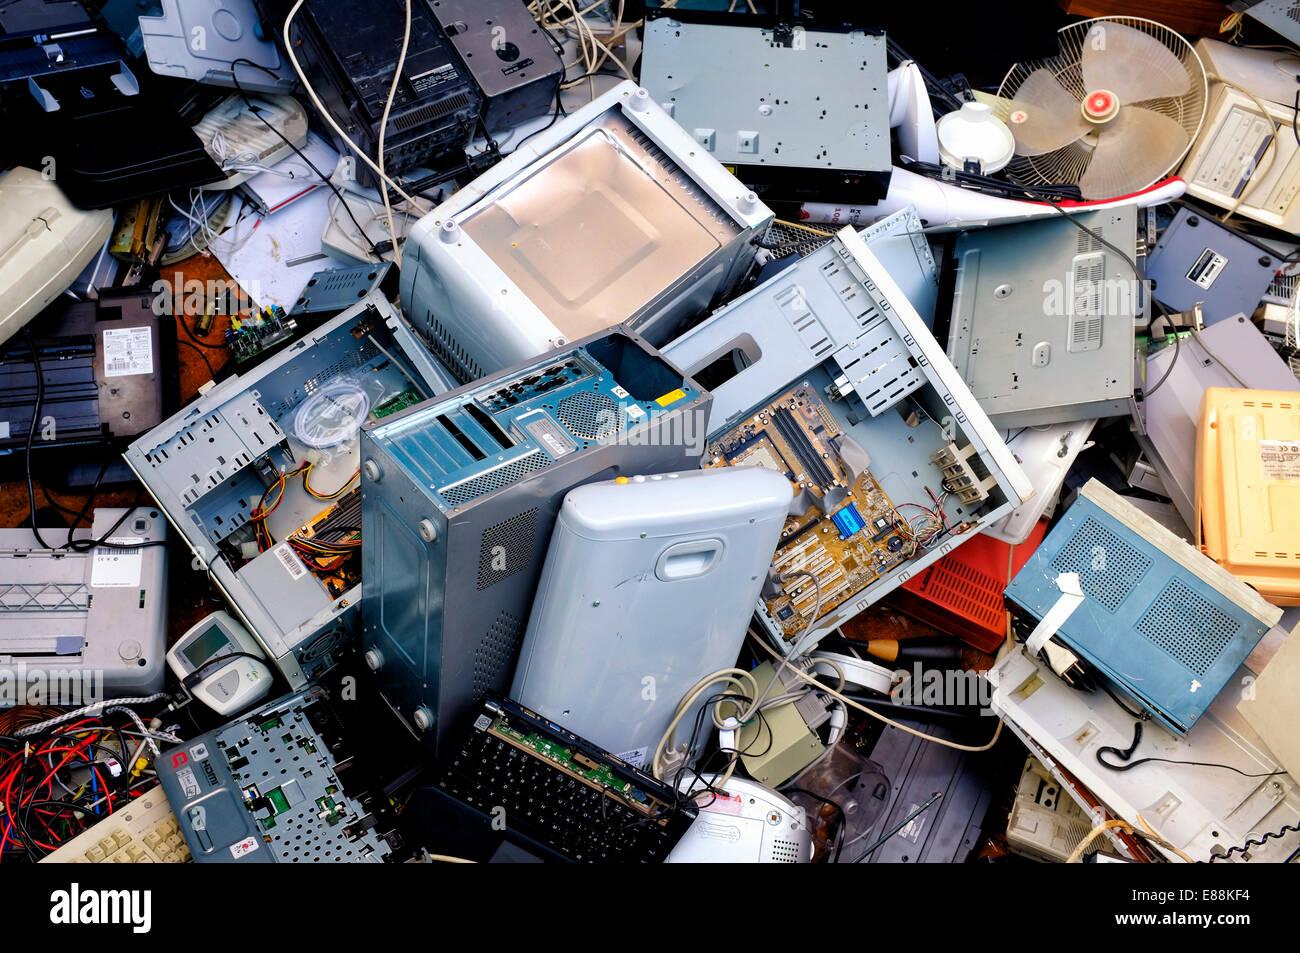 Immagine ravvicinata di alcuni rifiuti elettronici Immagini Stock